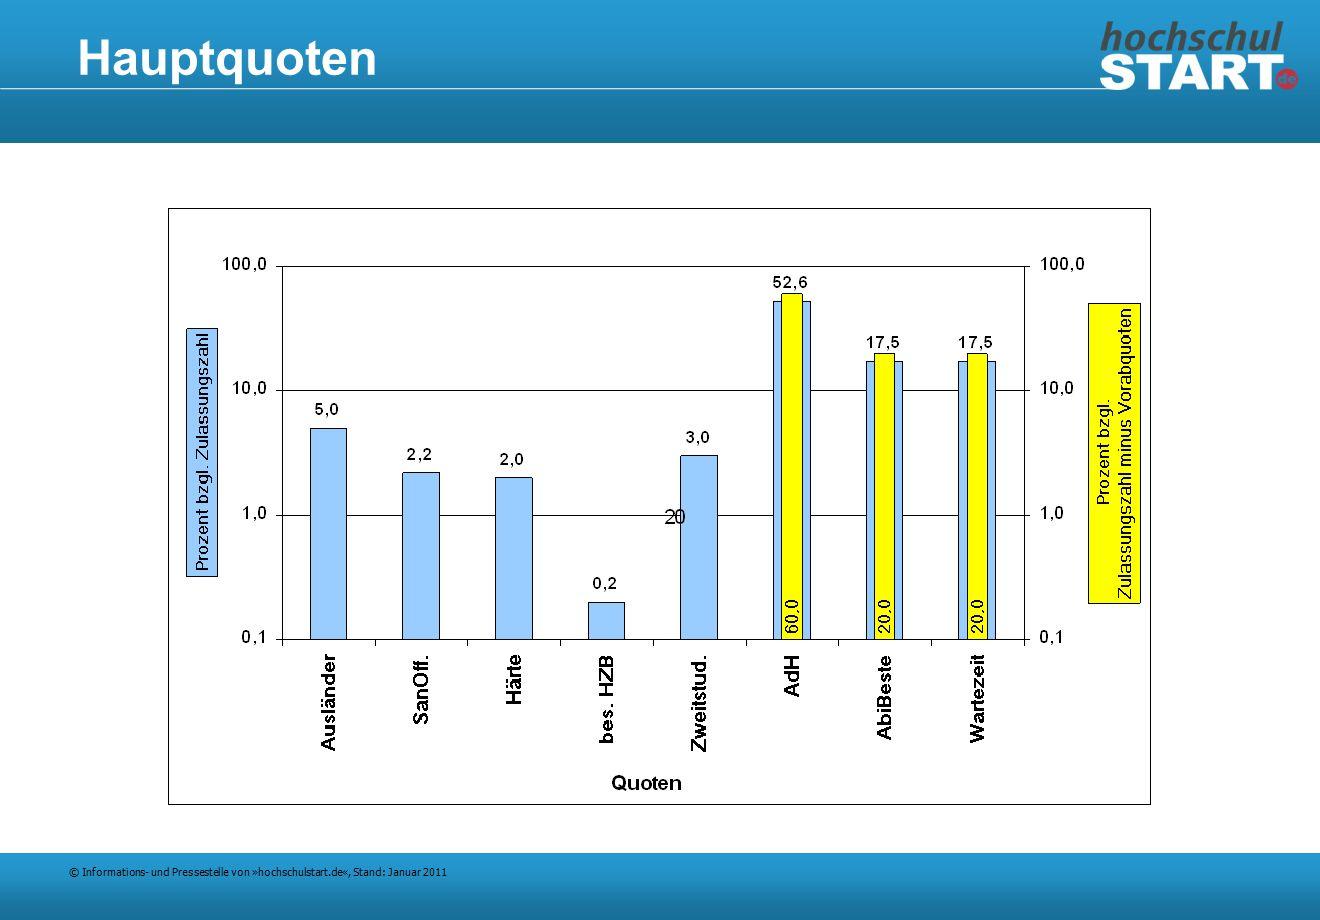 © Informations- und Pressestelle von »hochschulstart.de«, Stand: Januar 2011 Hauptquoten